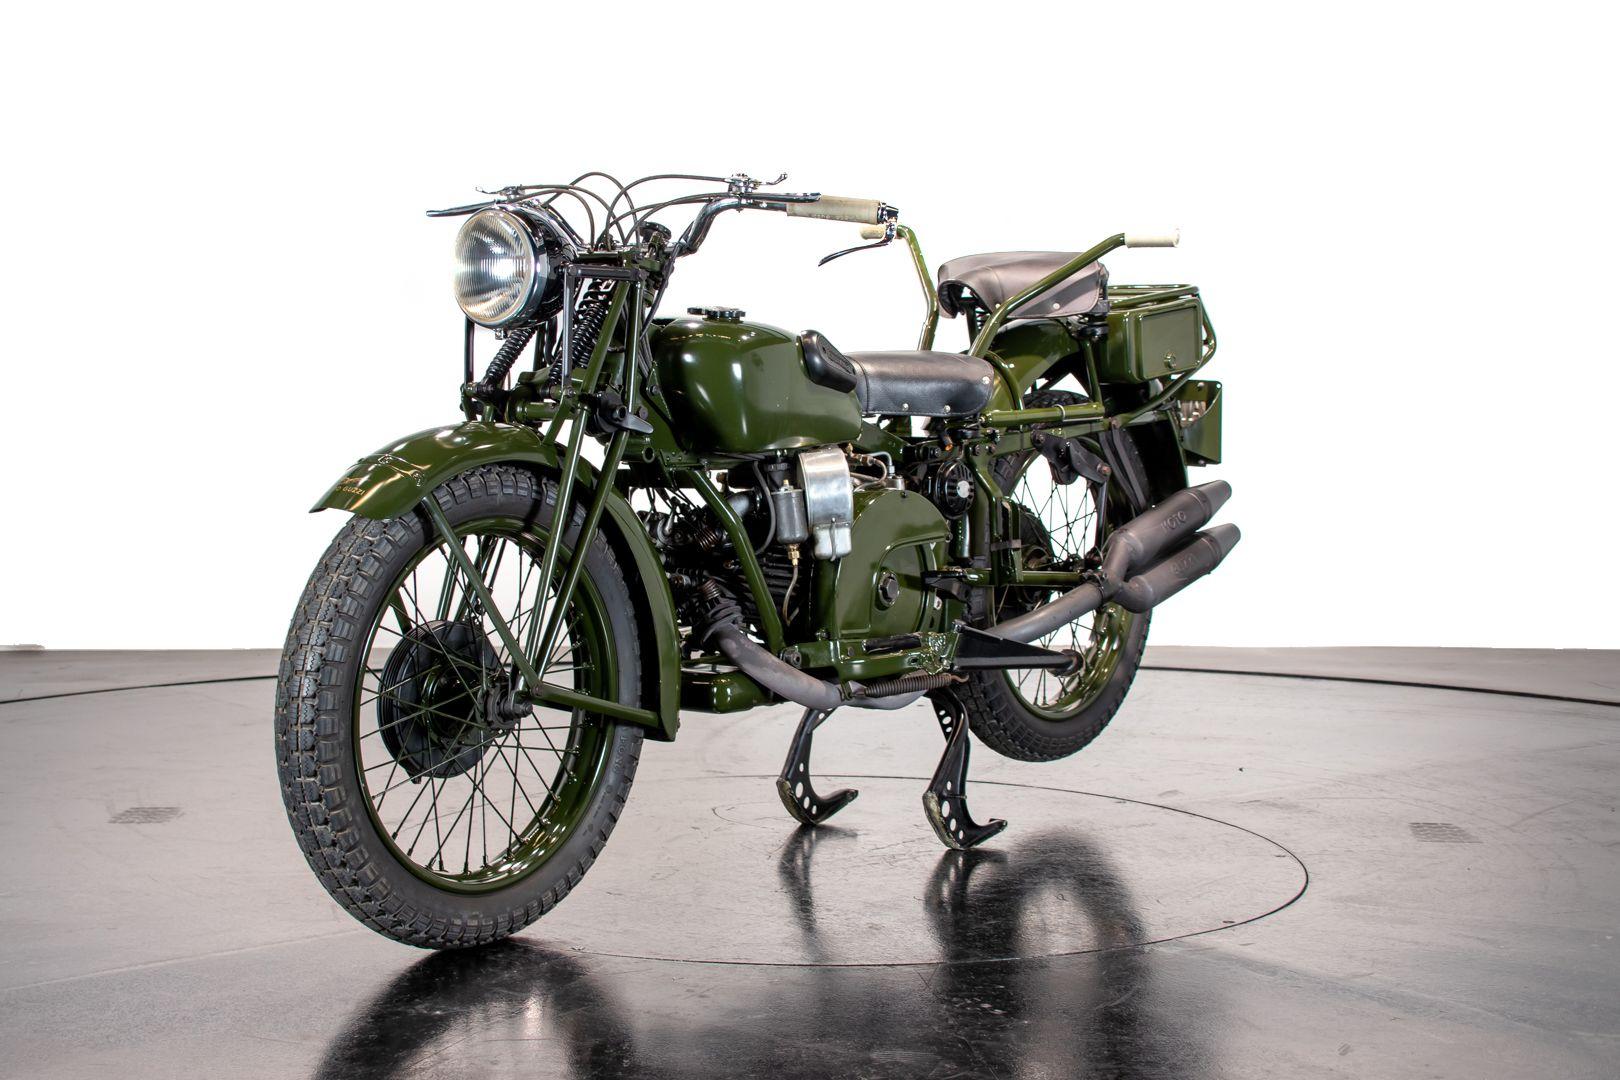 1977 Moto Guzzi 500 Super Alce 59431